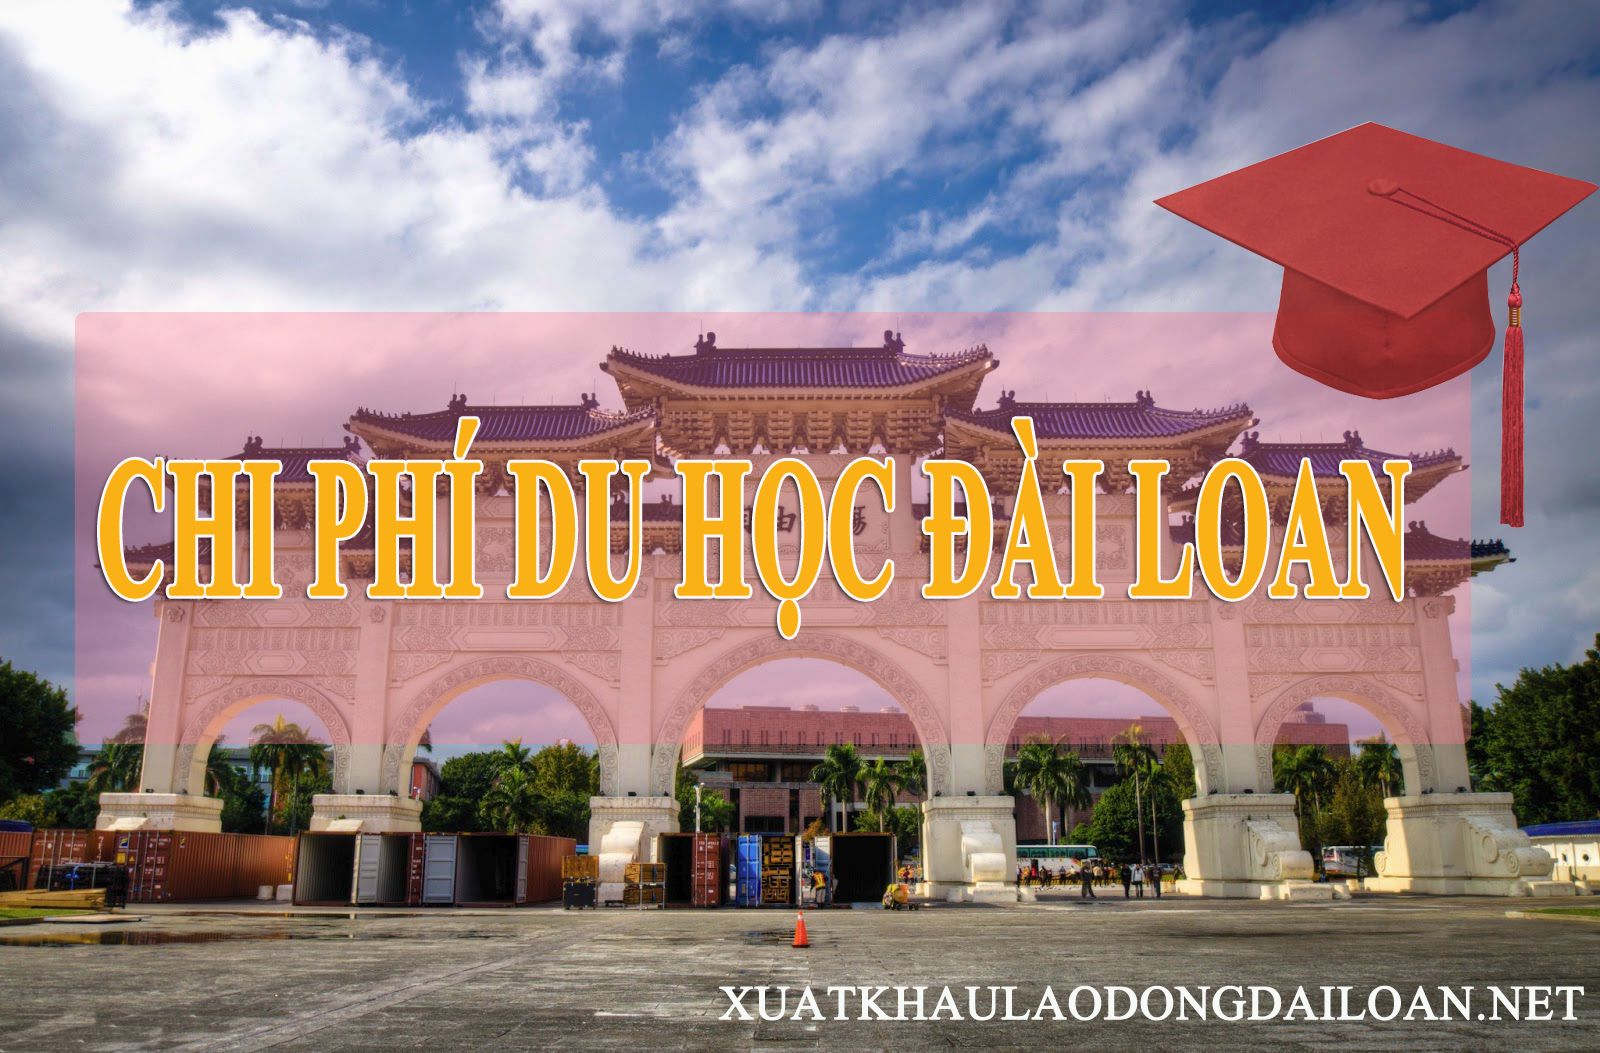 chi phi du hoc dai loan 2018